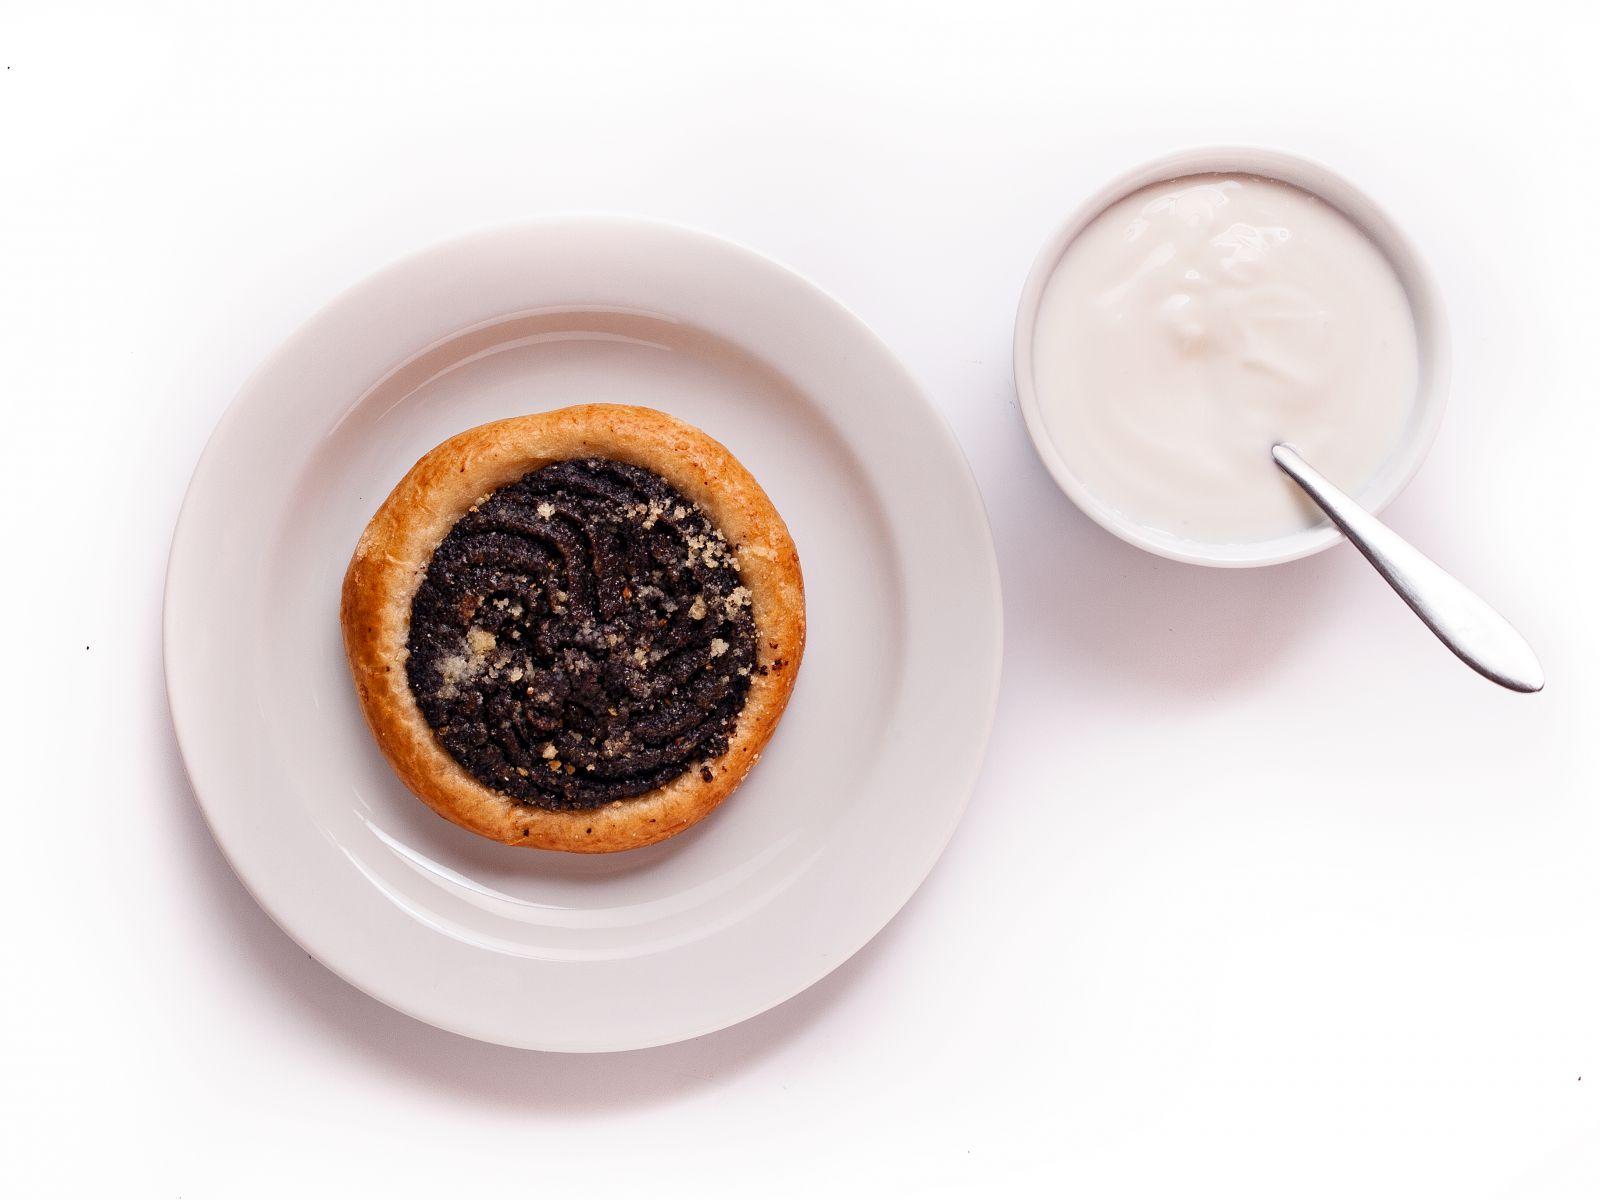 Maový koláč s jogurtem